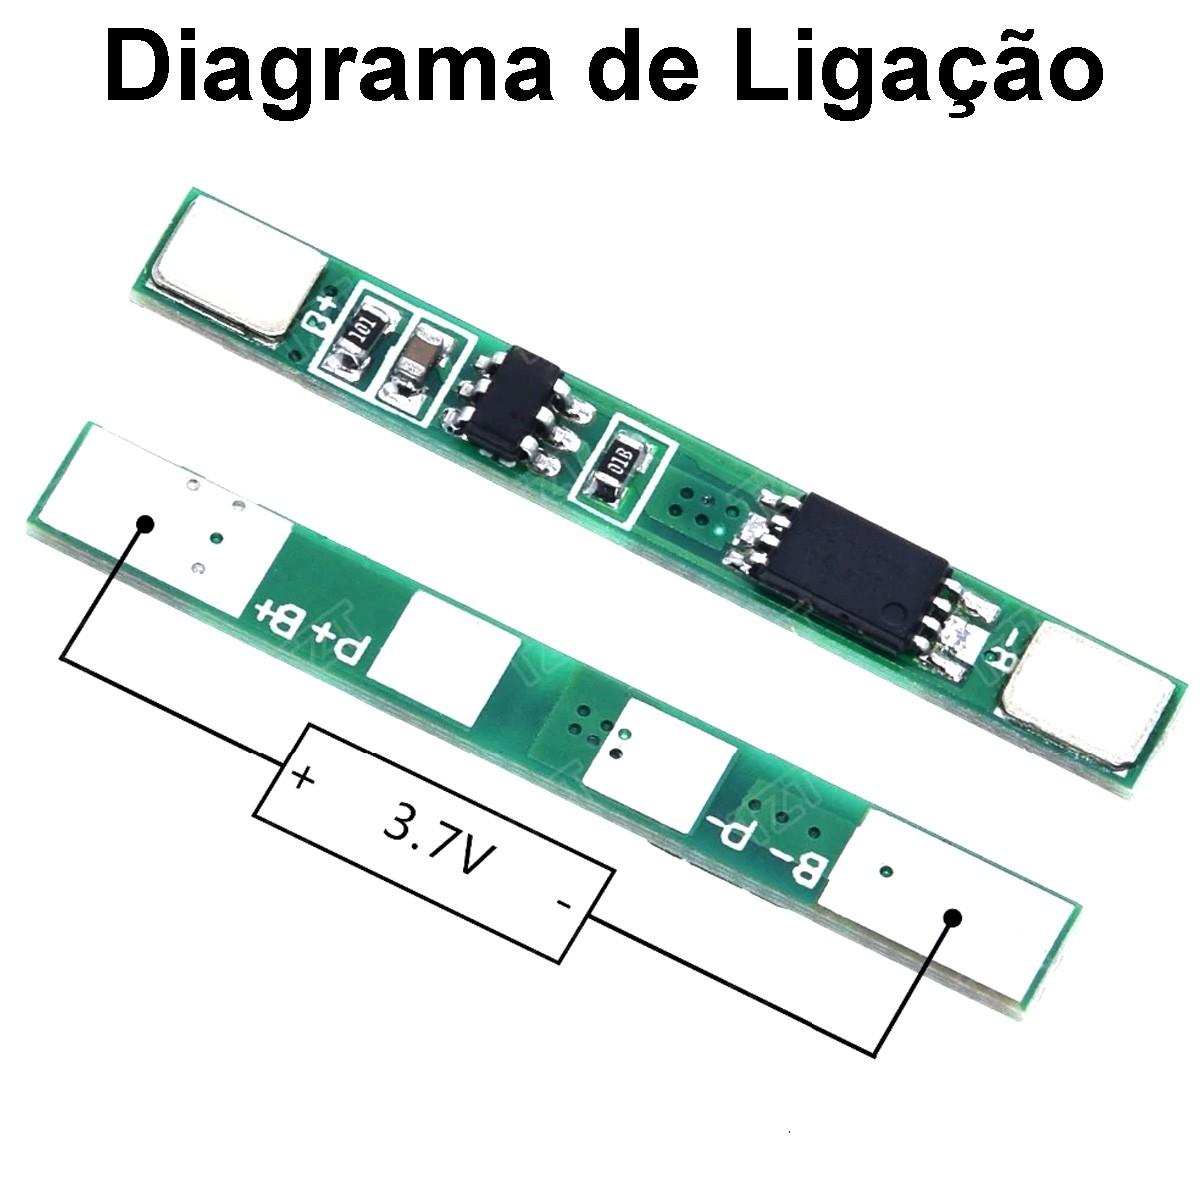 10x Módulo Placa Carregador 1s 3.7v 3a Li-ion 18650